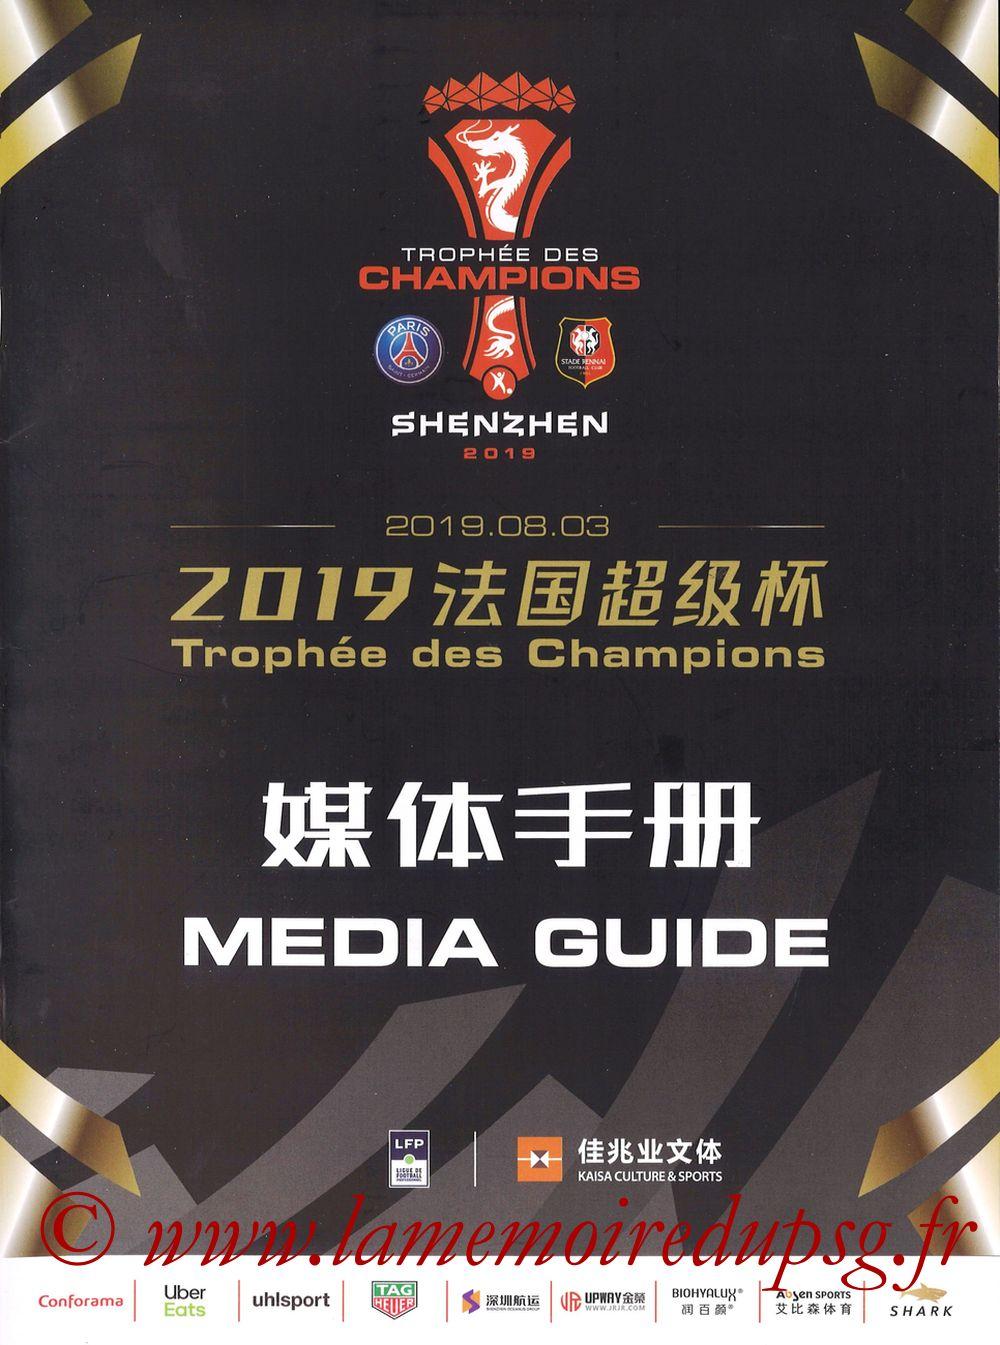 2019-08-03  PSG-Rennes (Trophée des Champions à Shenzhen, Dossier de presse)